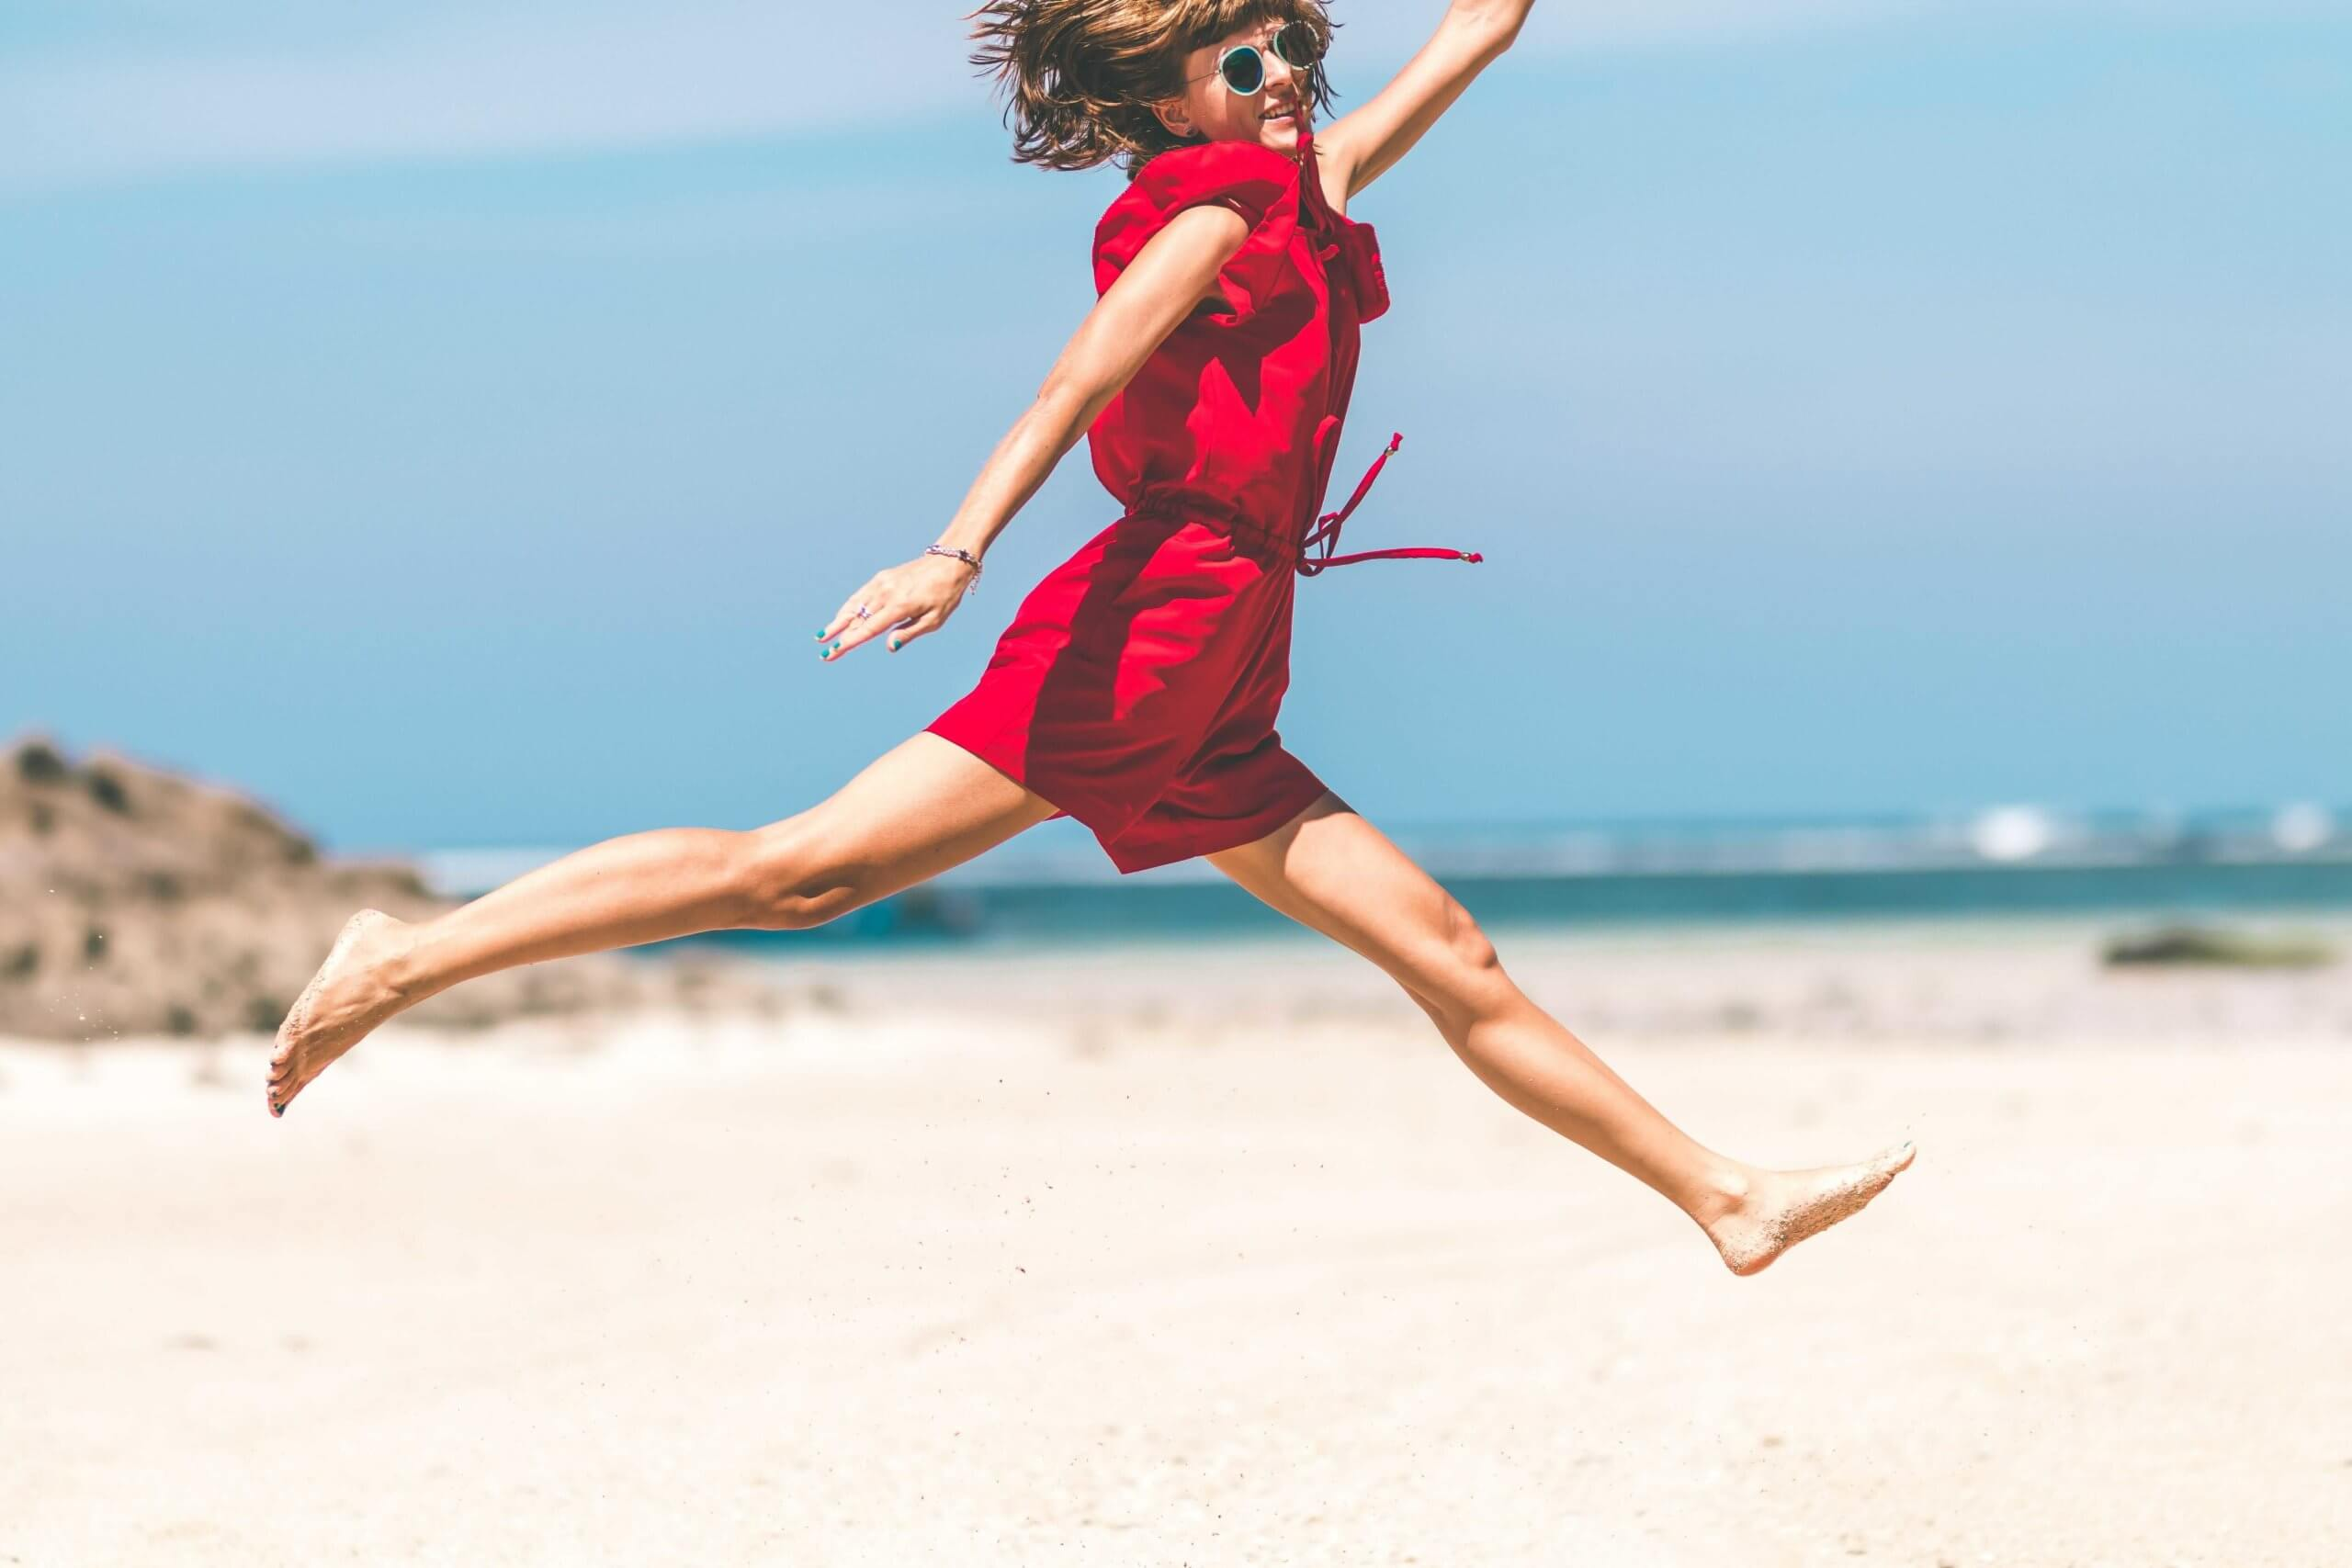 砂浜でジャンプ